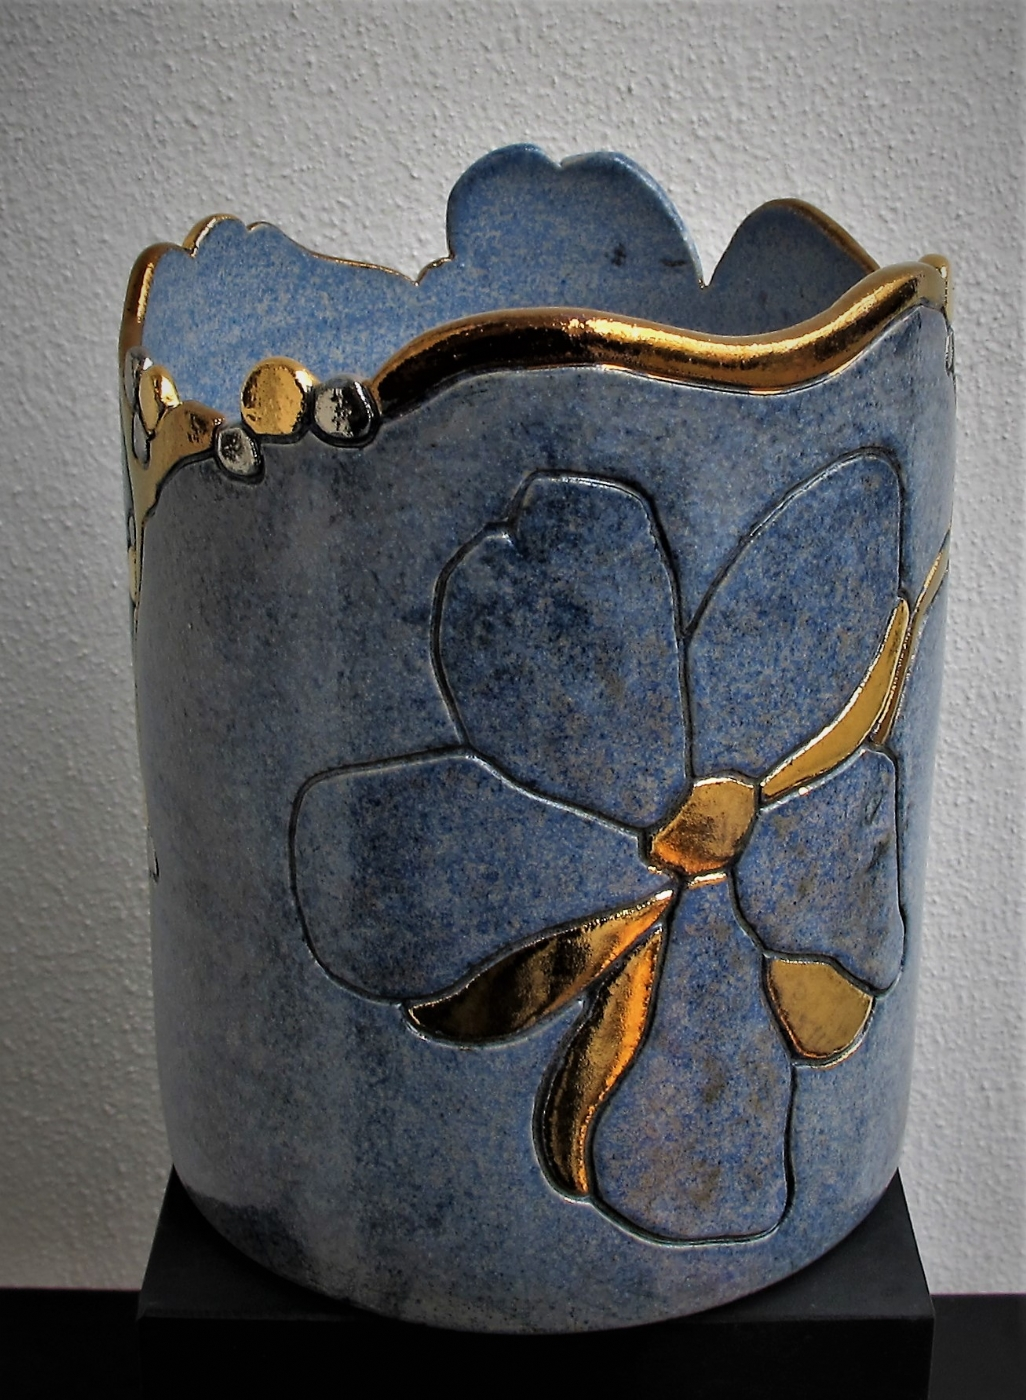 potte mellem m. blomst og metal | Keramik